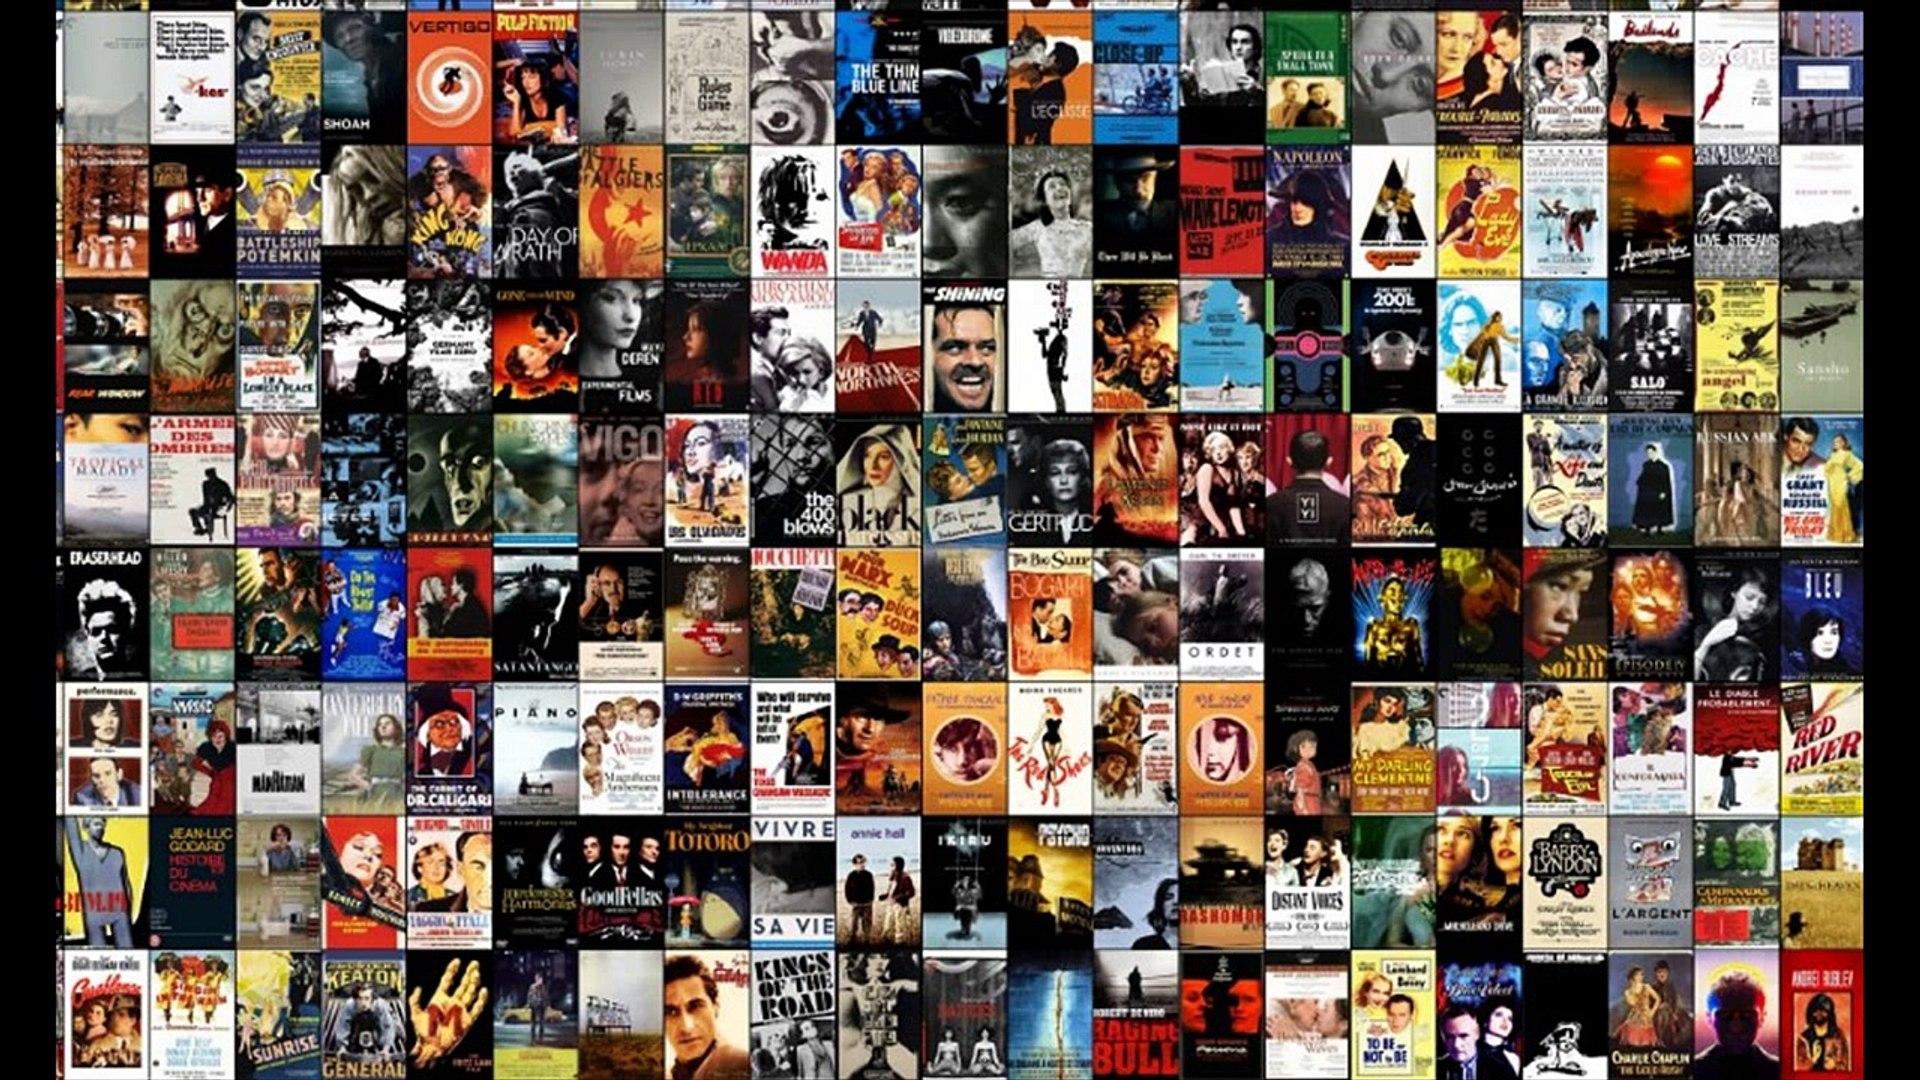 A Grand Day Out 1990 F.U.L.L Movie